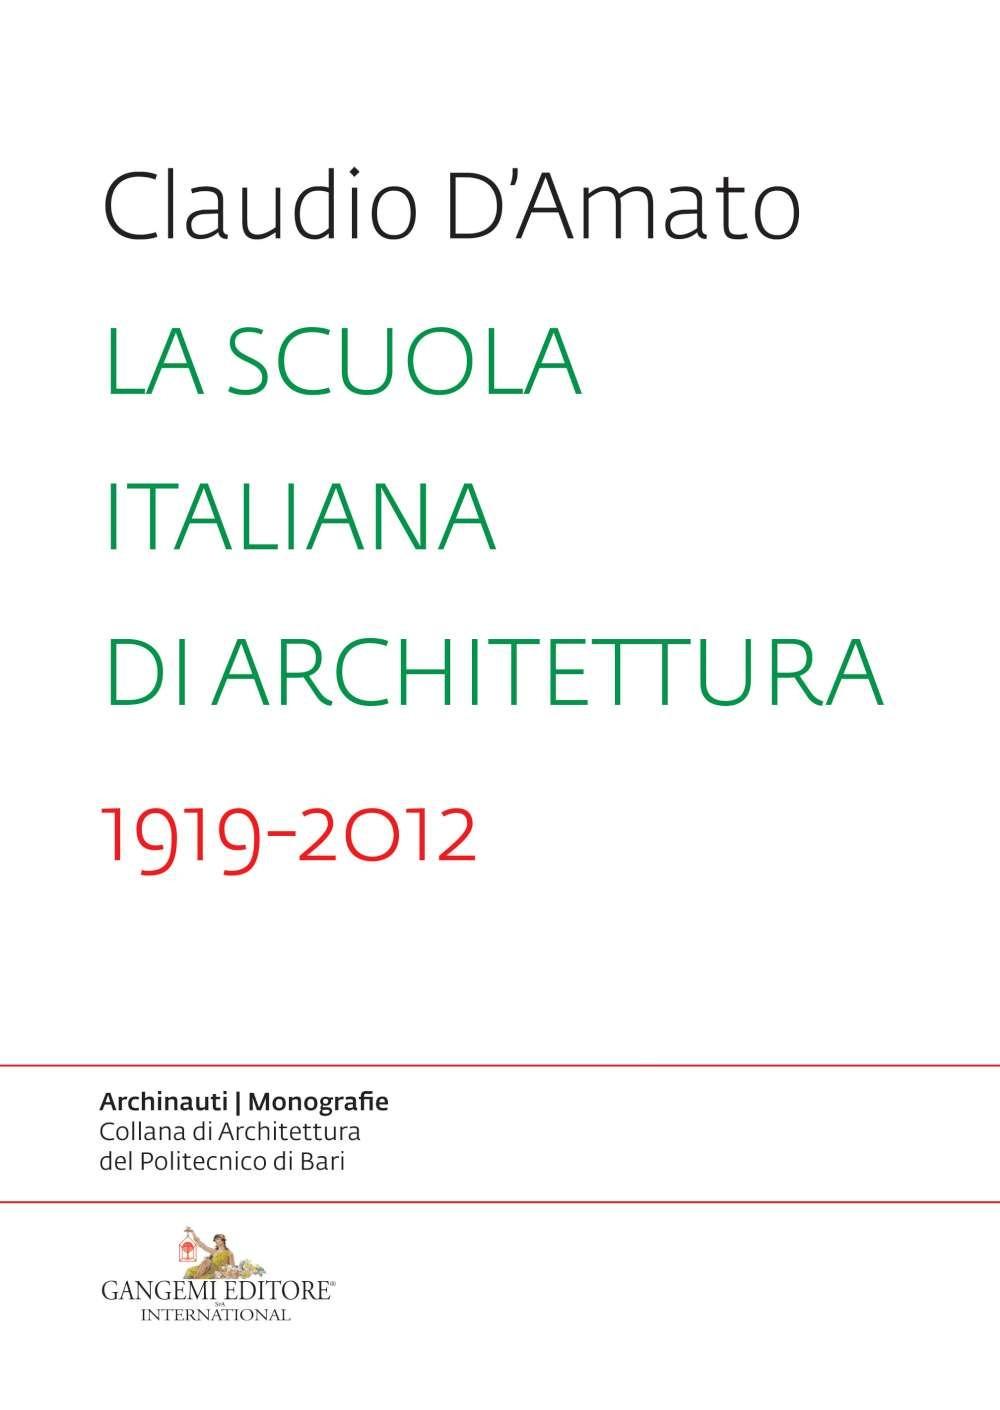 La Scuola Italiana di Architettura 1919-2012. Saggio sui modelli didattici e le loro trasformazioni nell'insegnamento dell'architettura